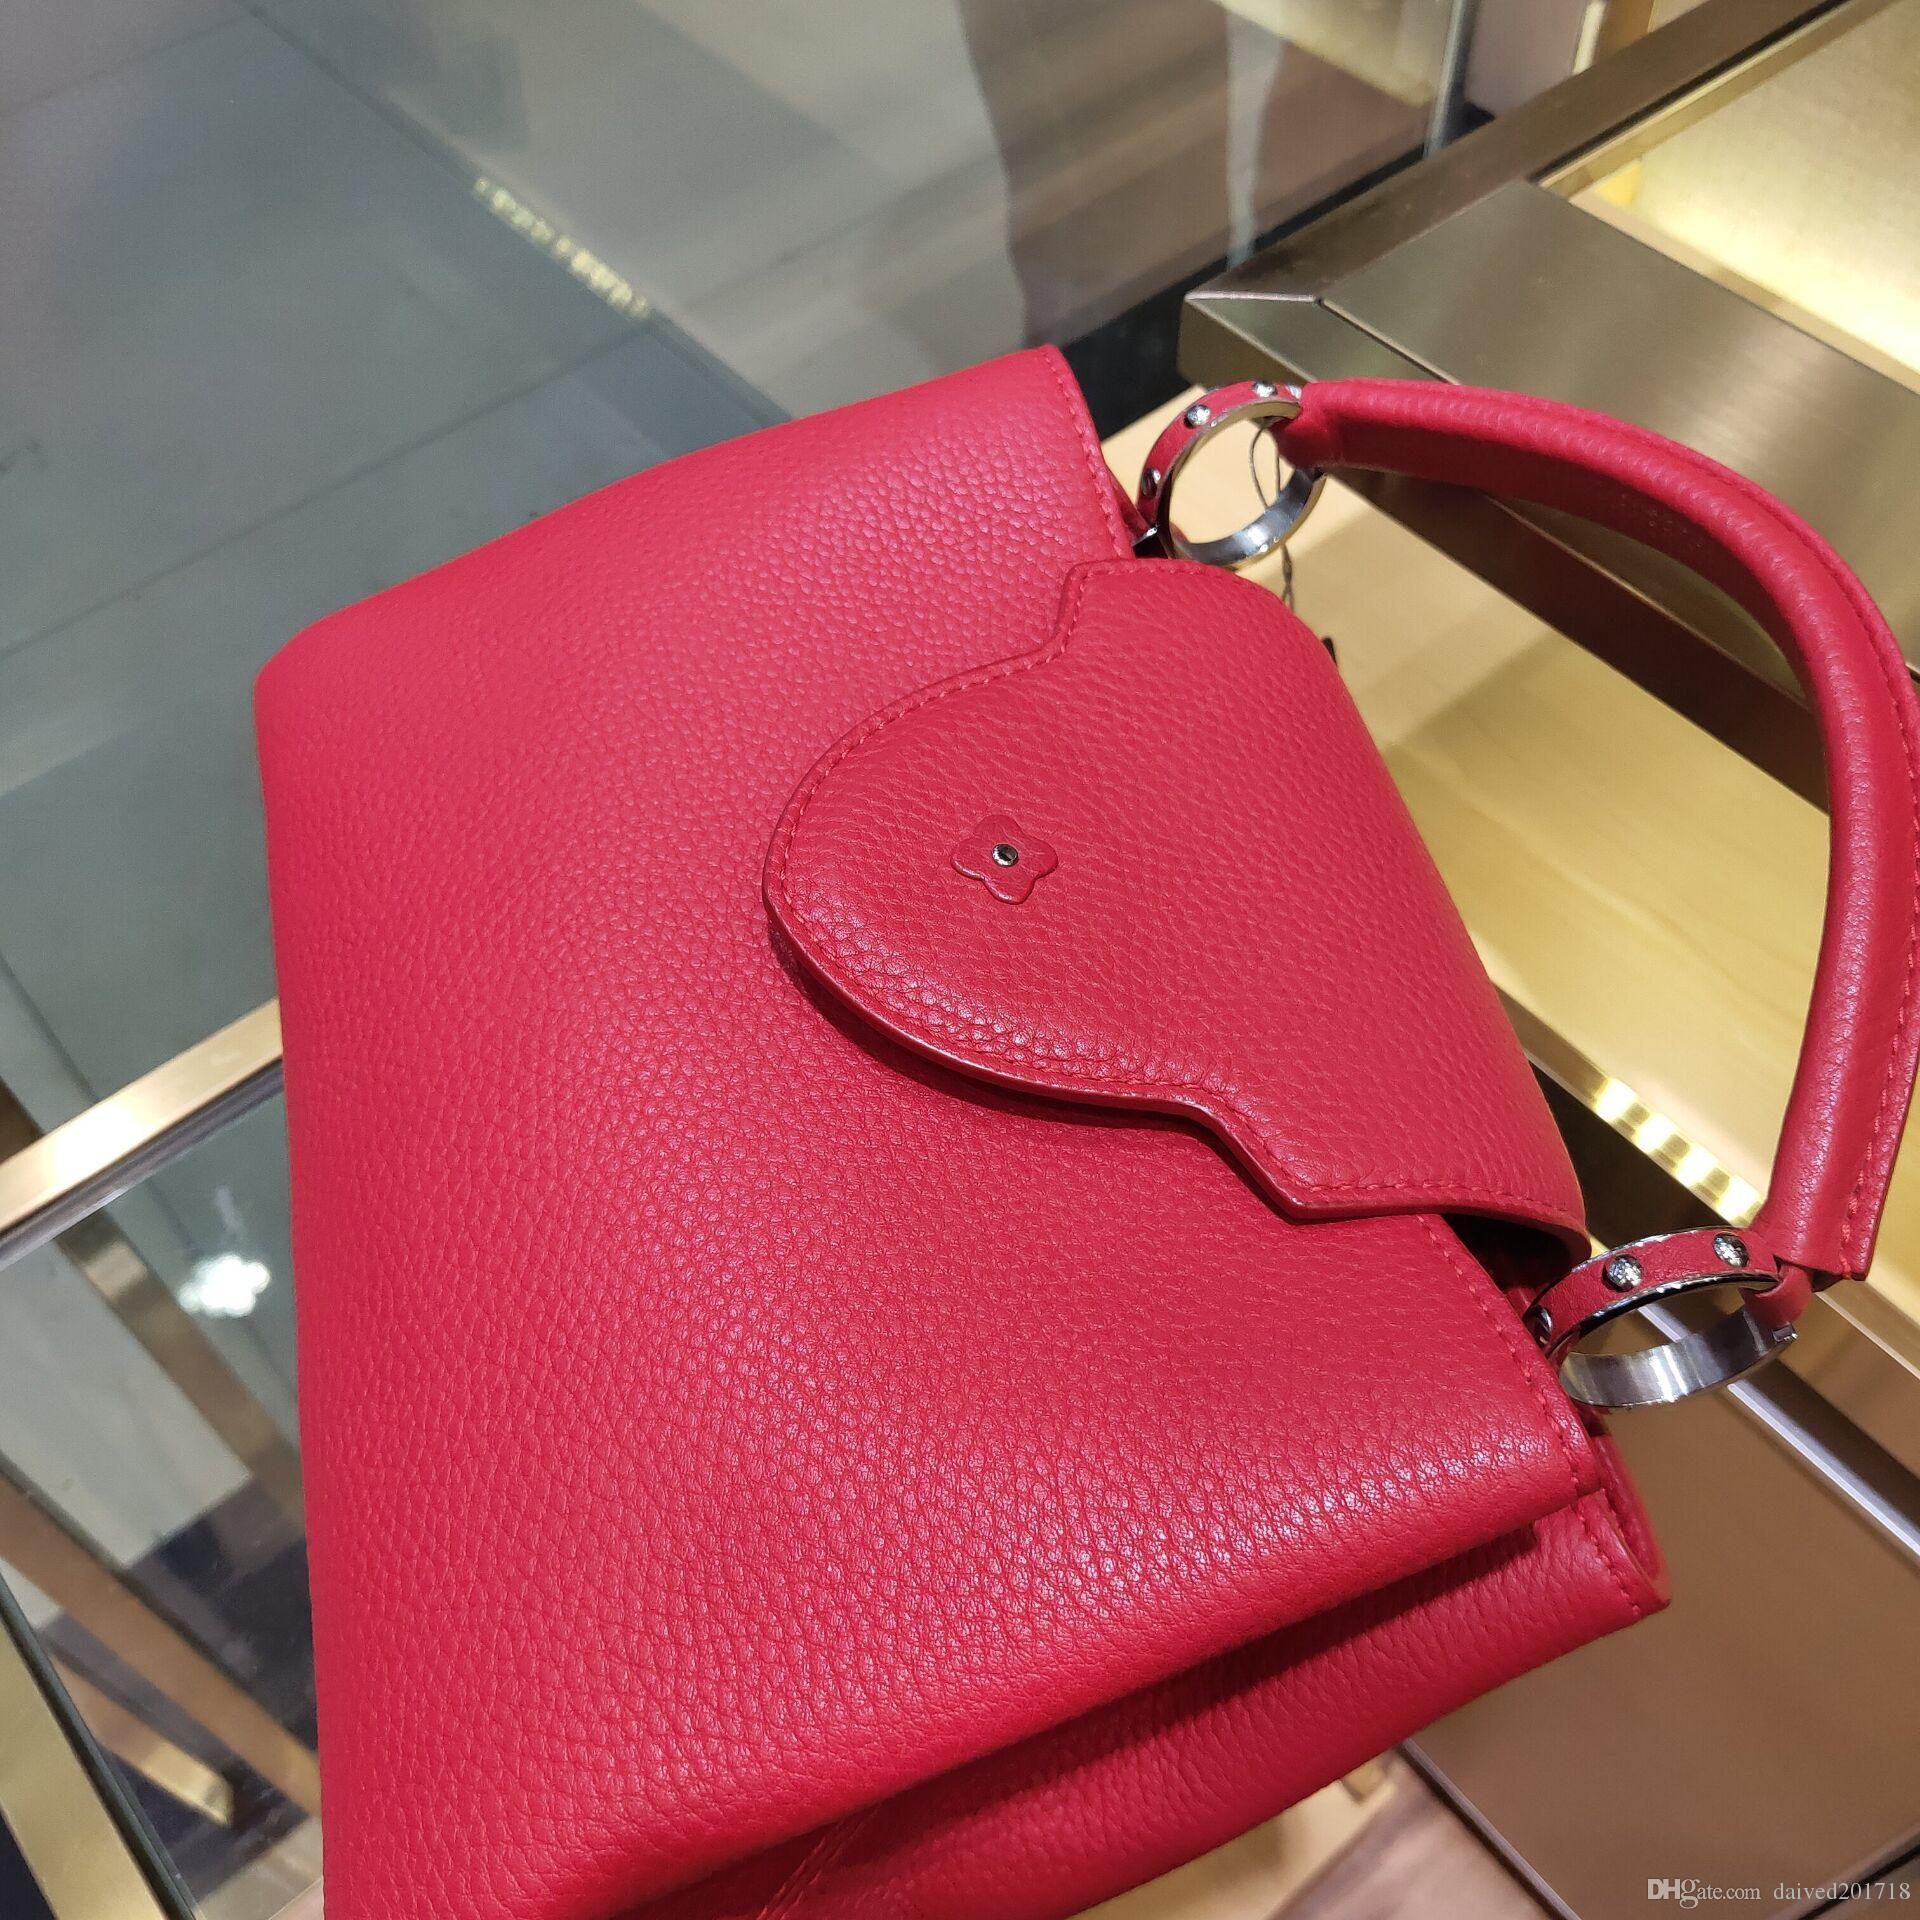 Yeni Avrupa klasik lüks moda bayanlar moda çanta omuz Satchel çanta, parti çanta saf deri, yumuşak deri